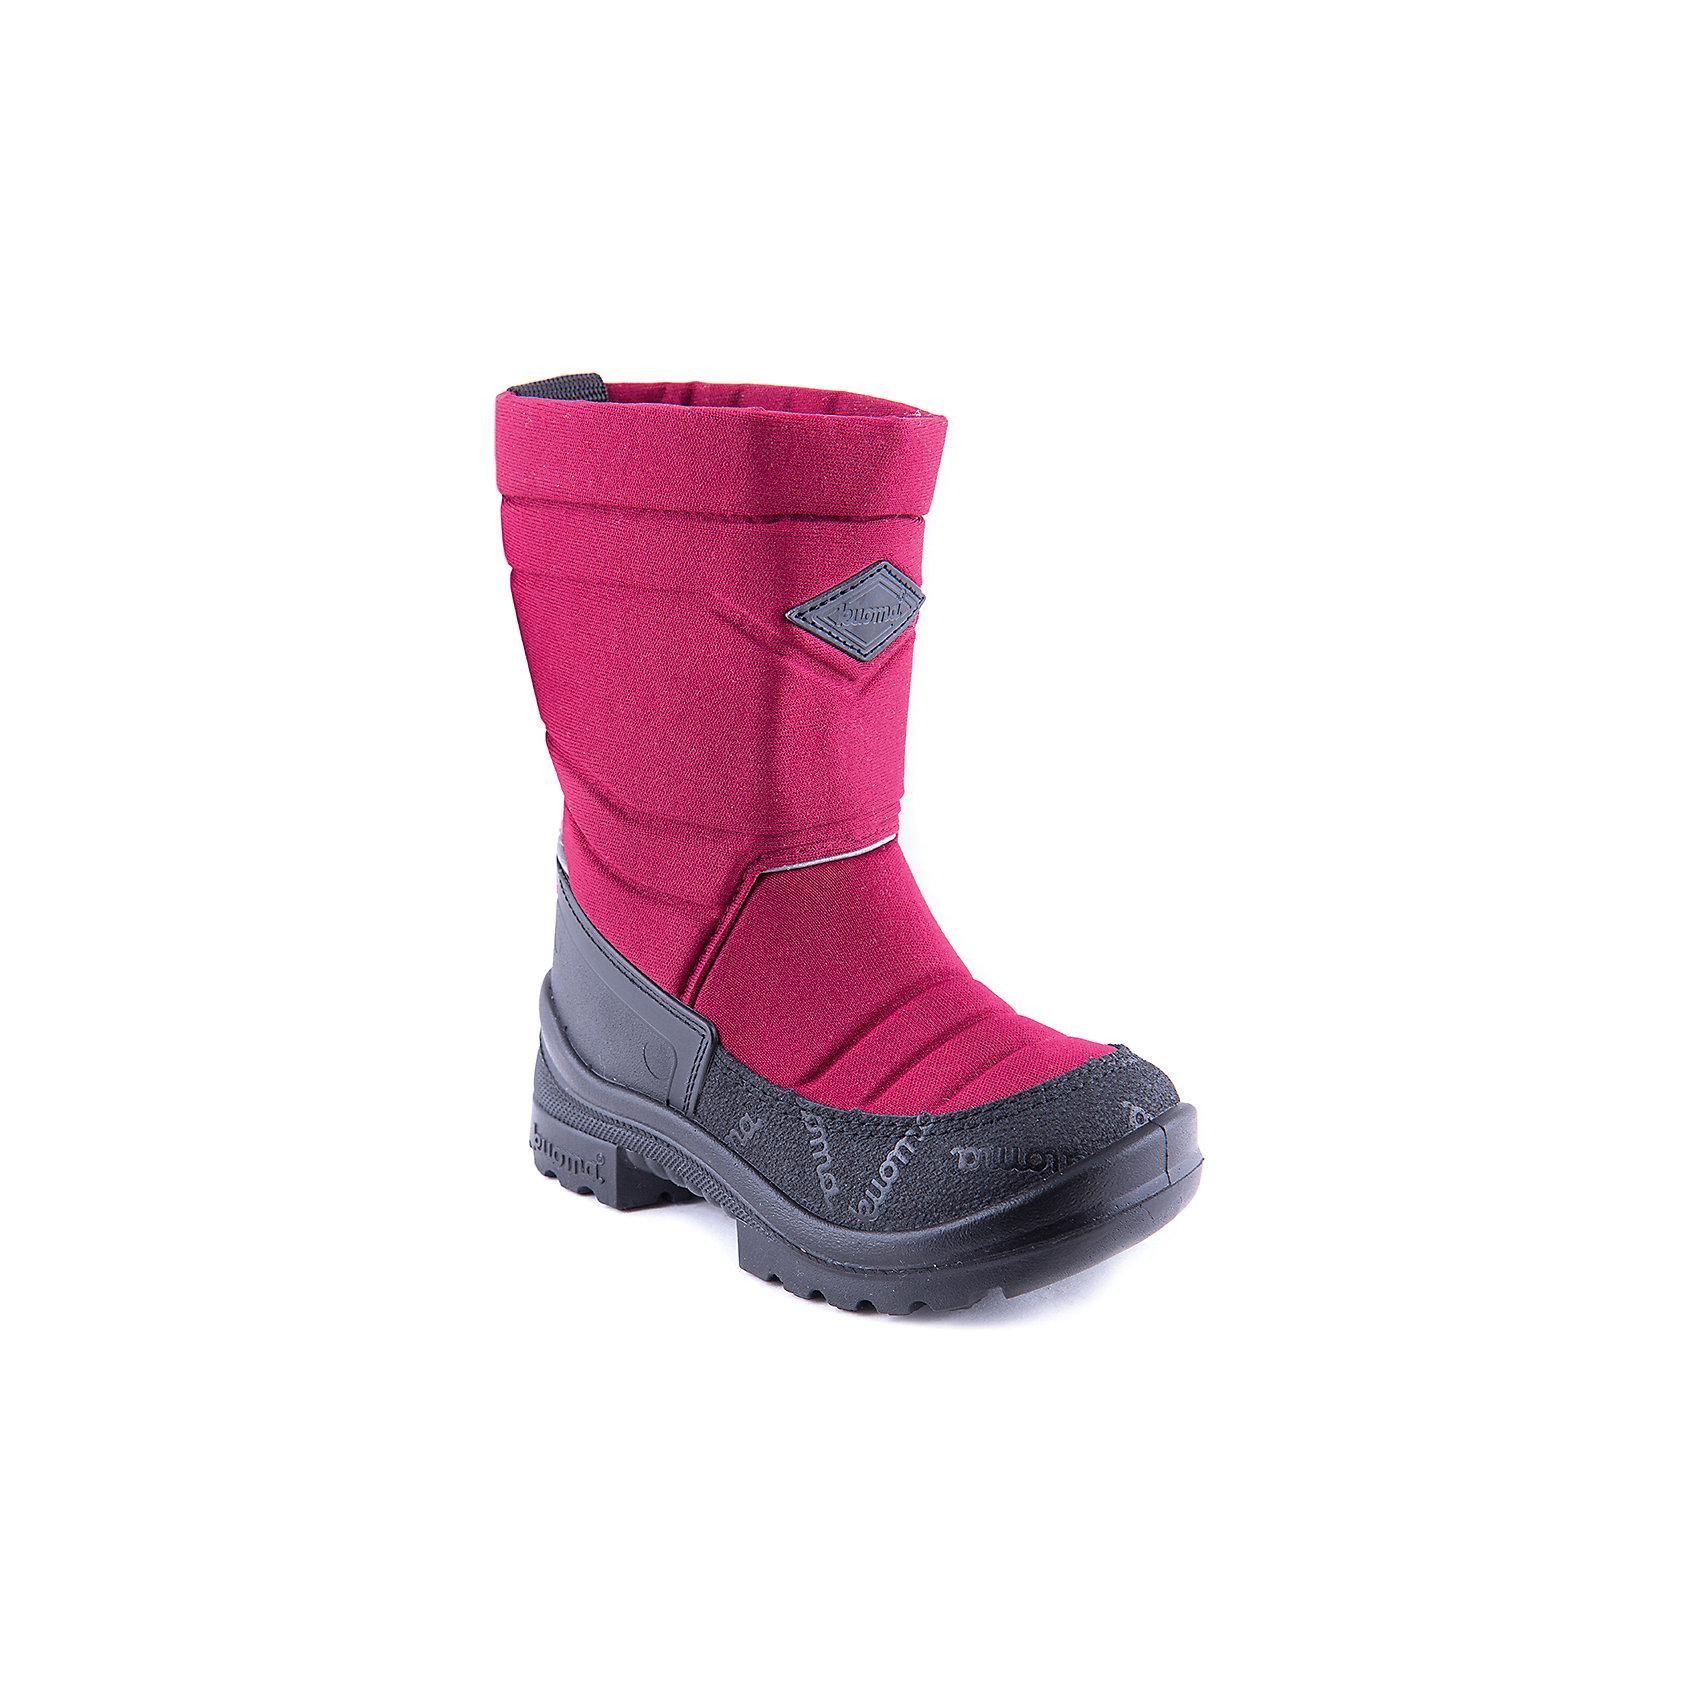 Зимние сапоги для девочки KUOMAЗимние сапоги PUTKIVARSI от известного финского бренда kuoma® (Куома) исключительно теплые и очень удобные. Все изделия имеют крепкую амортизирующую подошву, которая «работает» даже в холодных зимних условиях. Кроме того, обувь снабжена сменными стельками и светоотражающими полосками в целях повышения безопасности. Матерчатый верх обуви проходят специальную противогрязевую и влагоотталкивающую обработку. Обувь kuoma® (Куома) подходит даже для самых холодных зим.<br><br>Температурный режим: от - 5°C до - 30°C.<br><br>Состав:<br>Верх - триплированный, износостойкий, влагостойкий материал, стелька - иск/войлок, подошва - износостойкая, гибкая из полиуритана.Состав: <br>Материал верха: Полиамид с пропиткой.<br><br>Ширина мм: 257<br>Глубина мм: 180<br>Высота мм: 130<br>Вес г: 420<br>Цвет: бордовый<br>Возраст от месяцев: 132<br>Возраст до месяцев: 144<br>Пол: Женский<br>Возраст: Детский<br>Размер: 35,34,33,31,29,28,26,25,22,21,23,27,32,37,39,38,20,30,24,36<br>SKU: 4403183